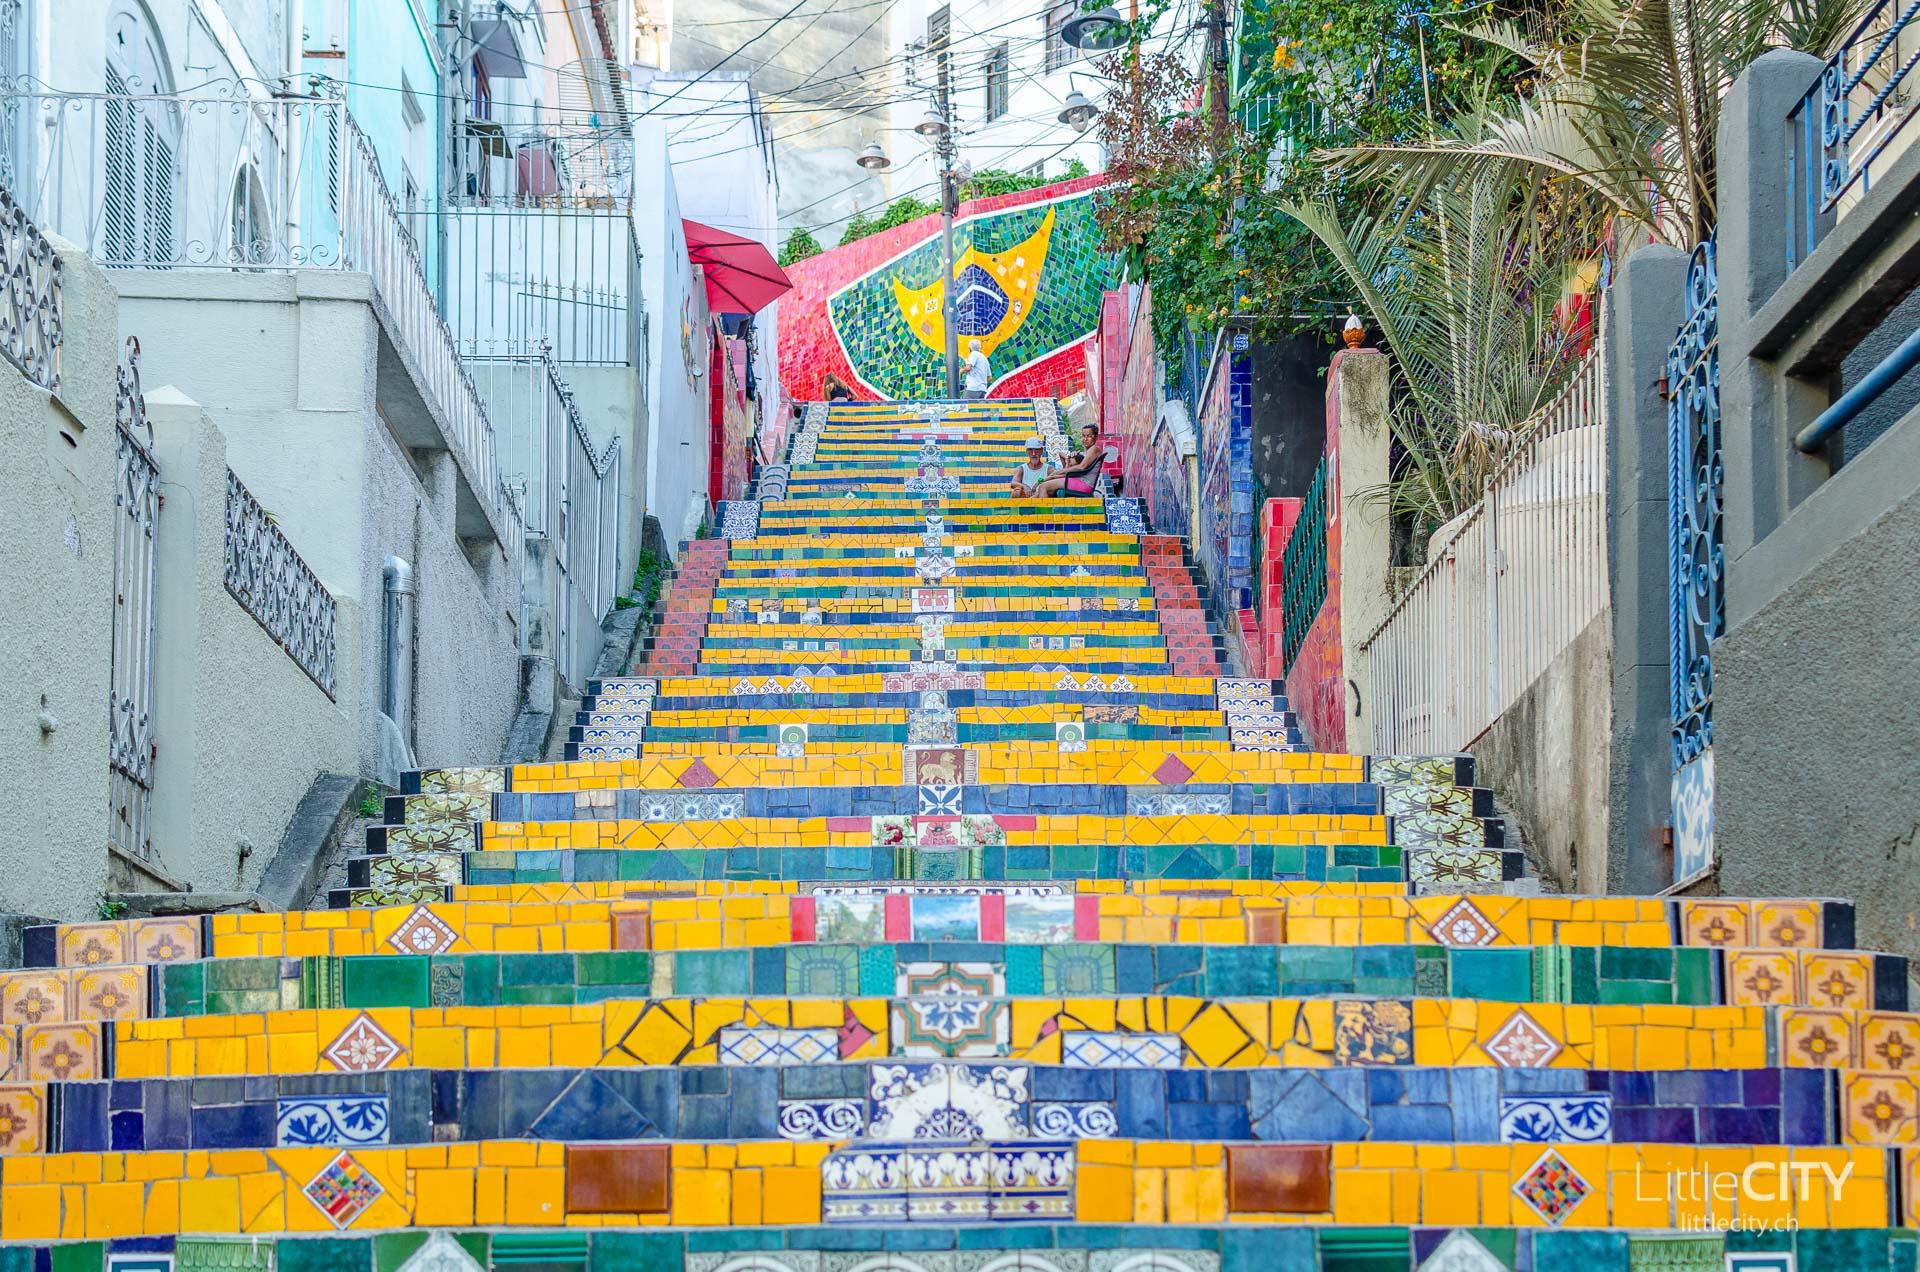 Escadaria Selaron Rio de Janeiro LittleCITY-7